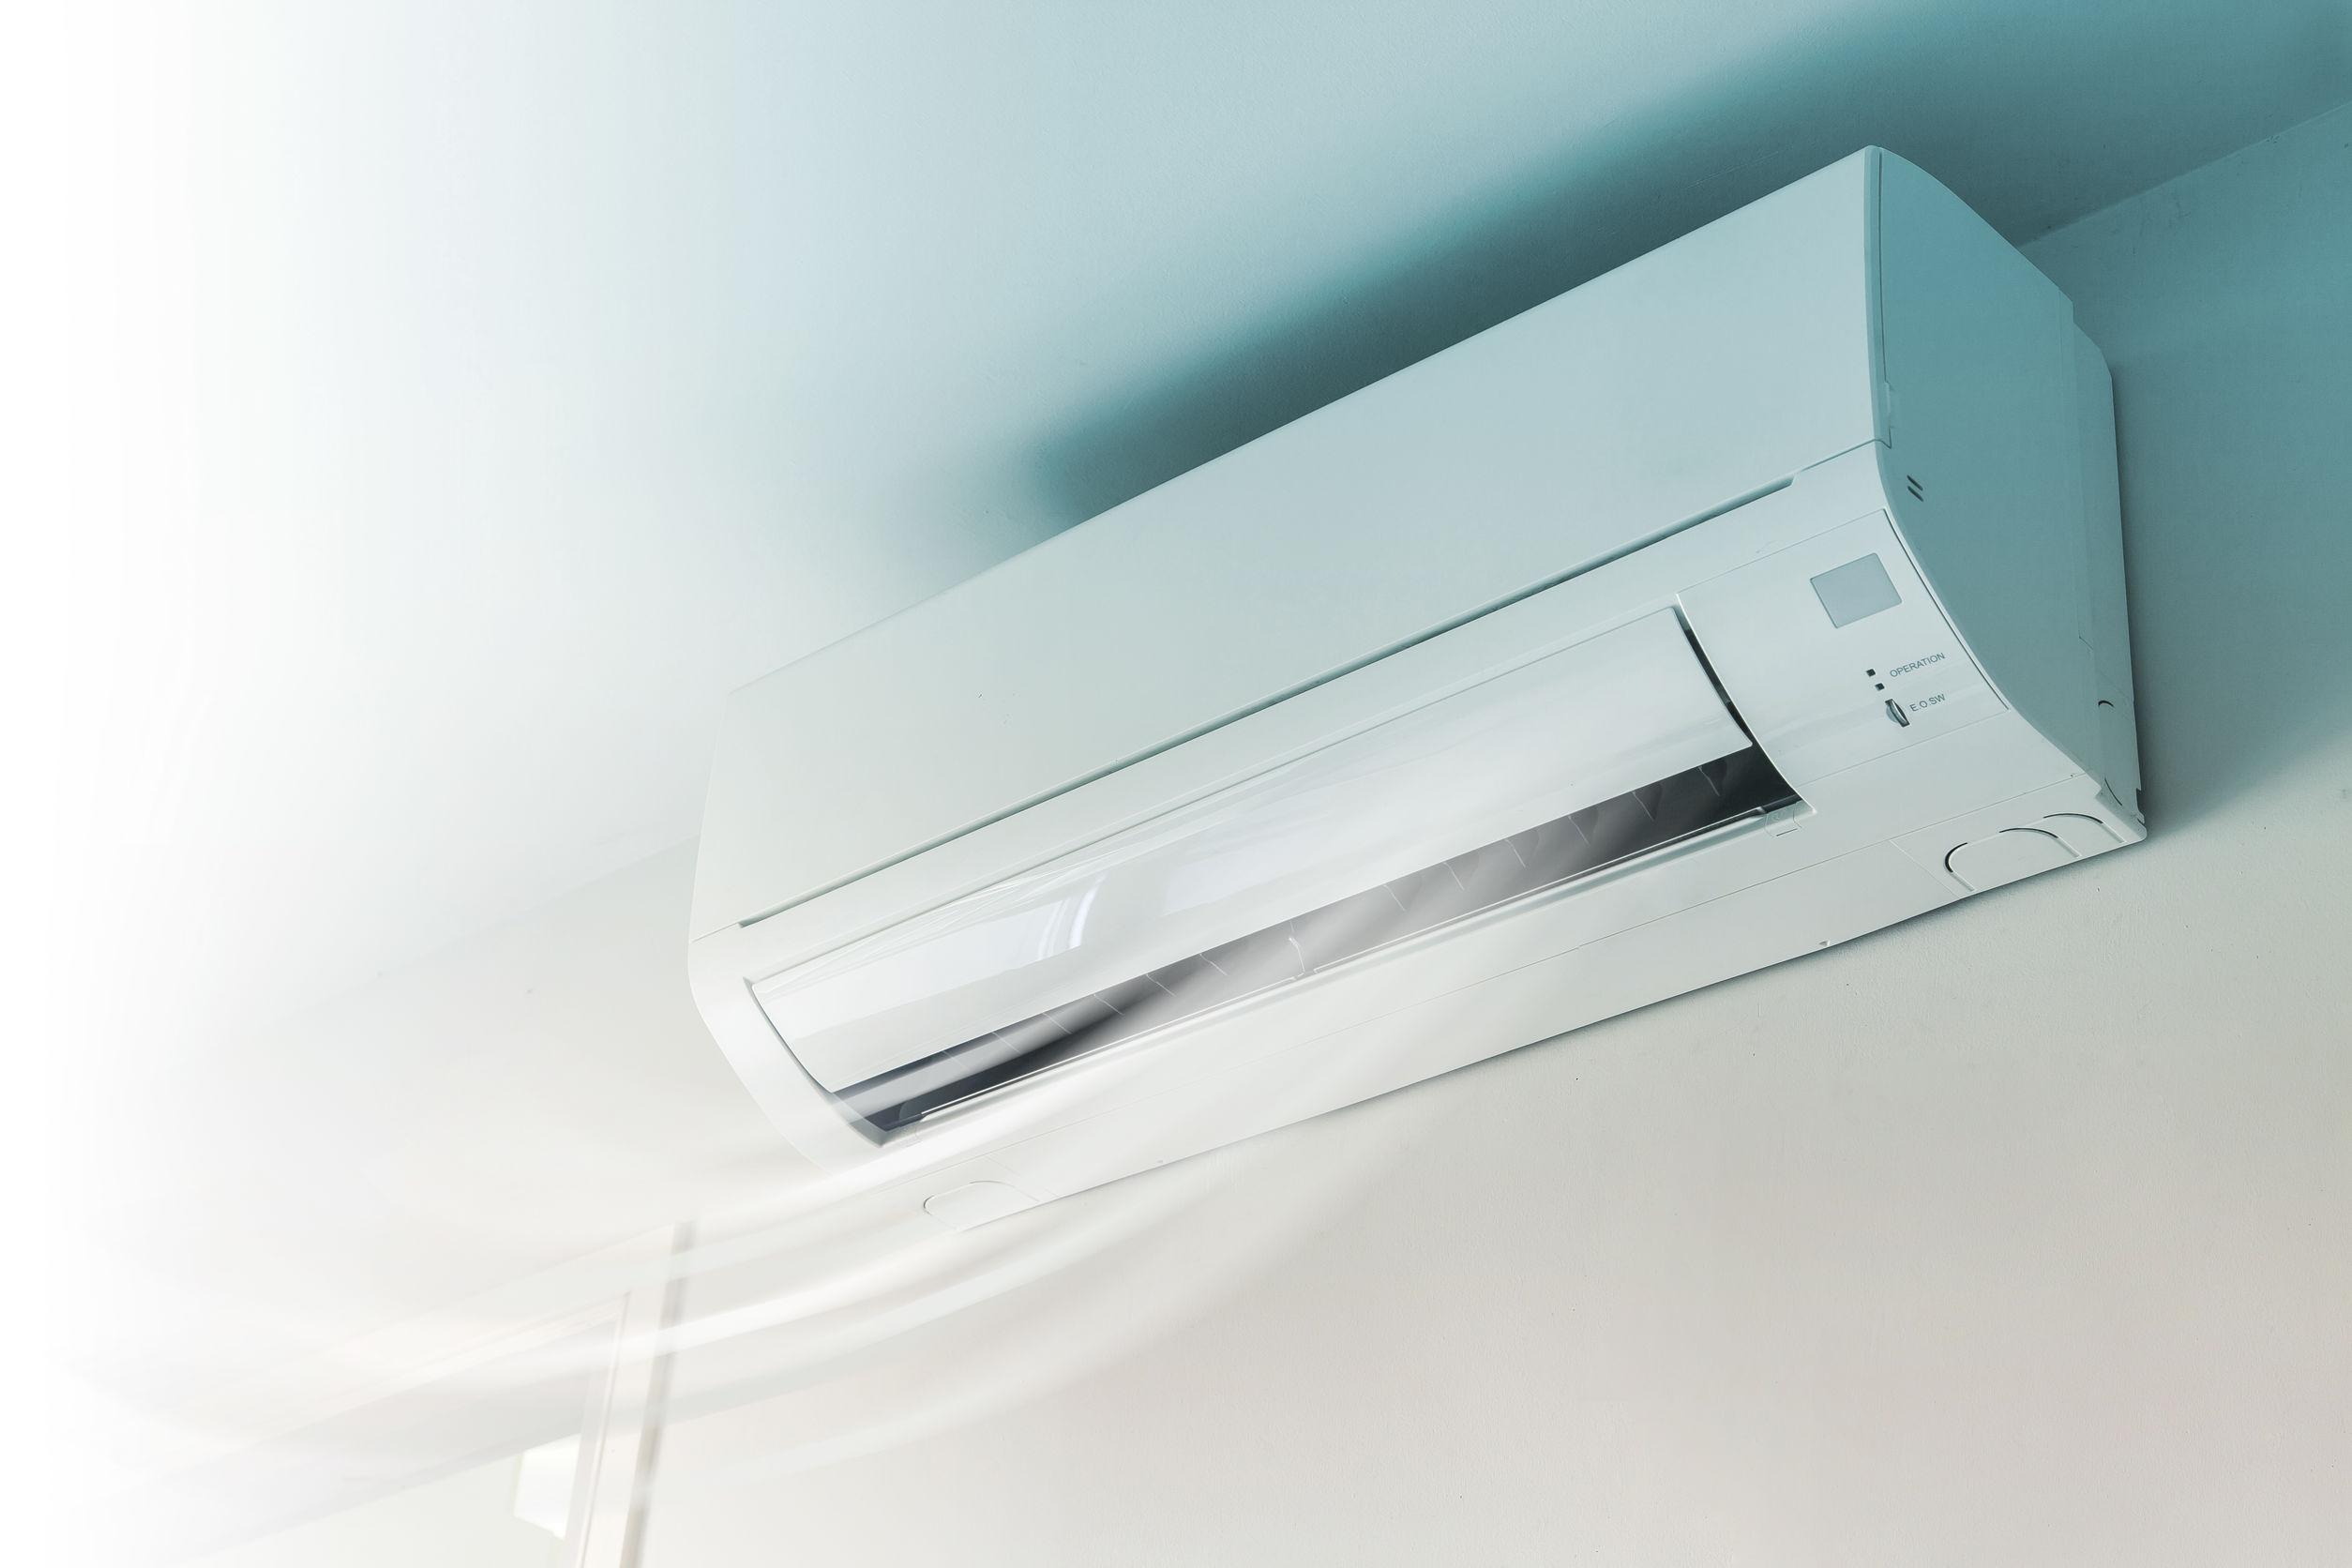 aparelho de ar condicionado instalado na parede